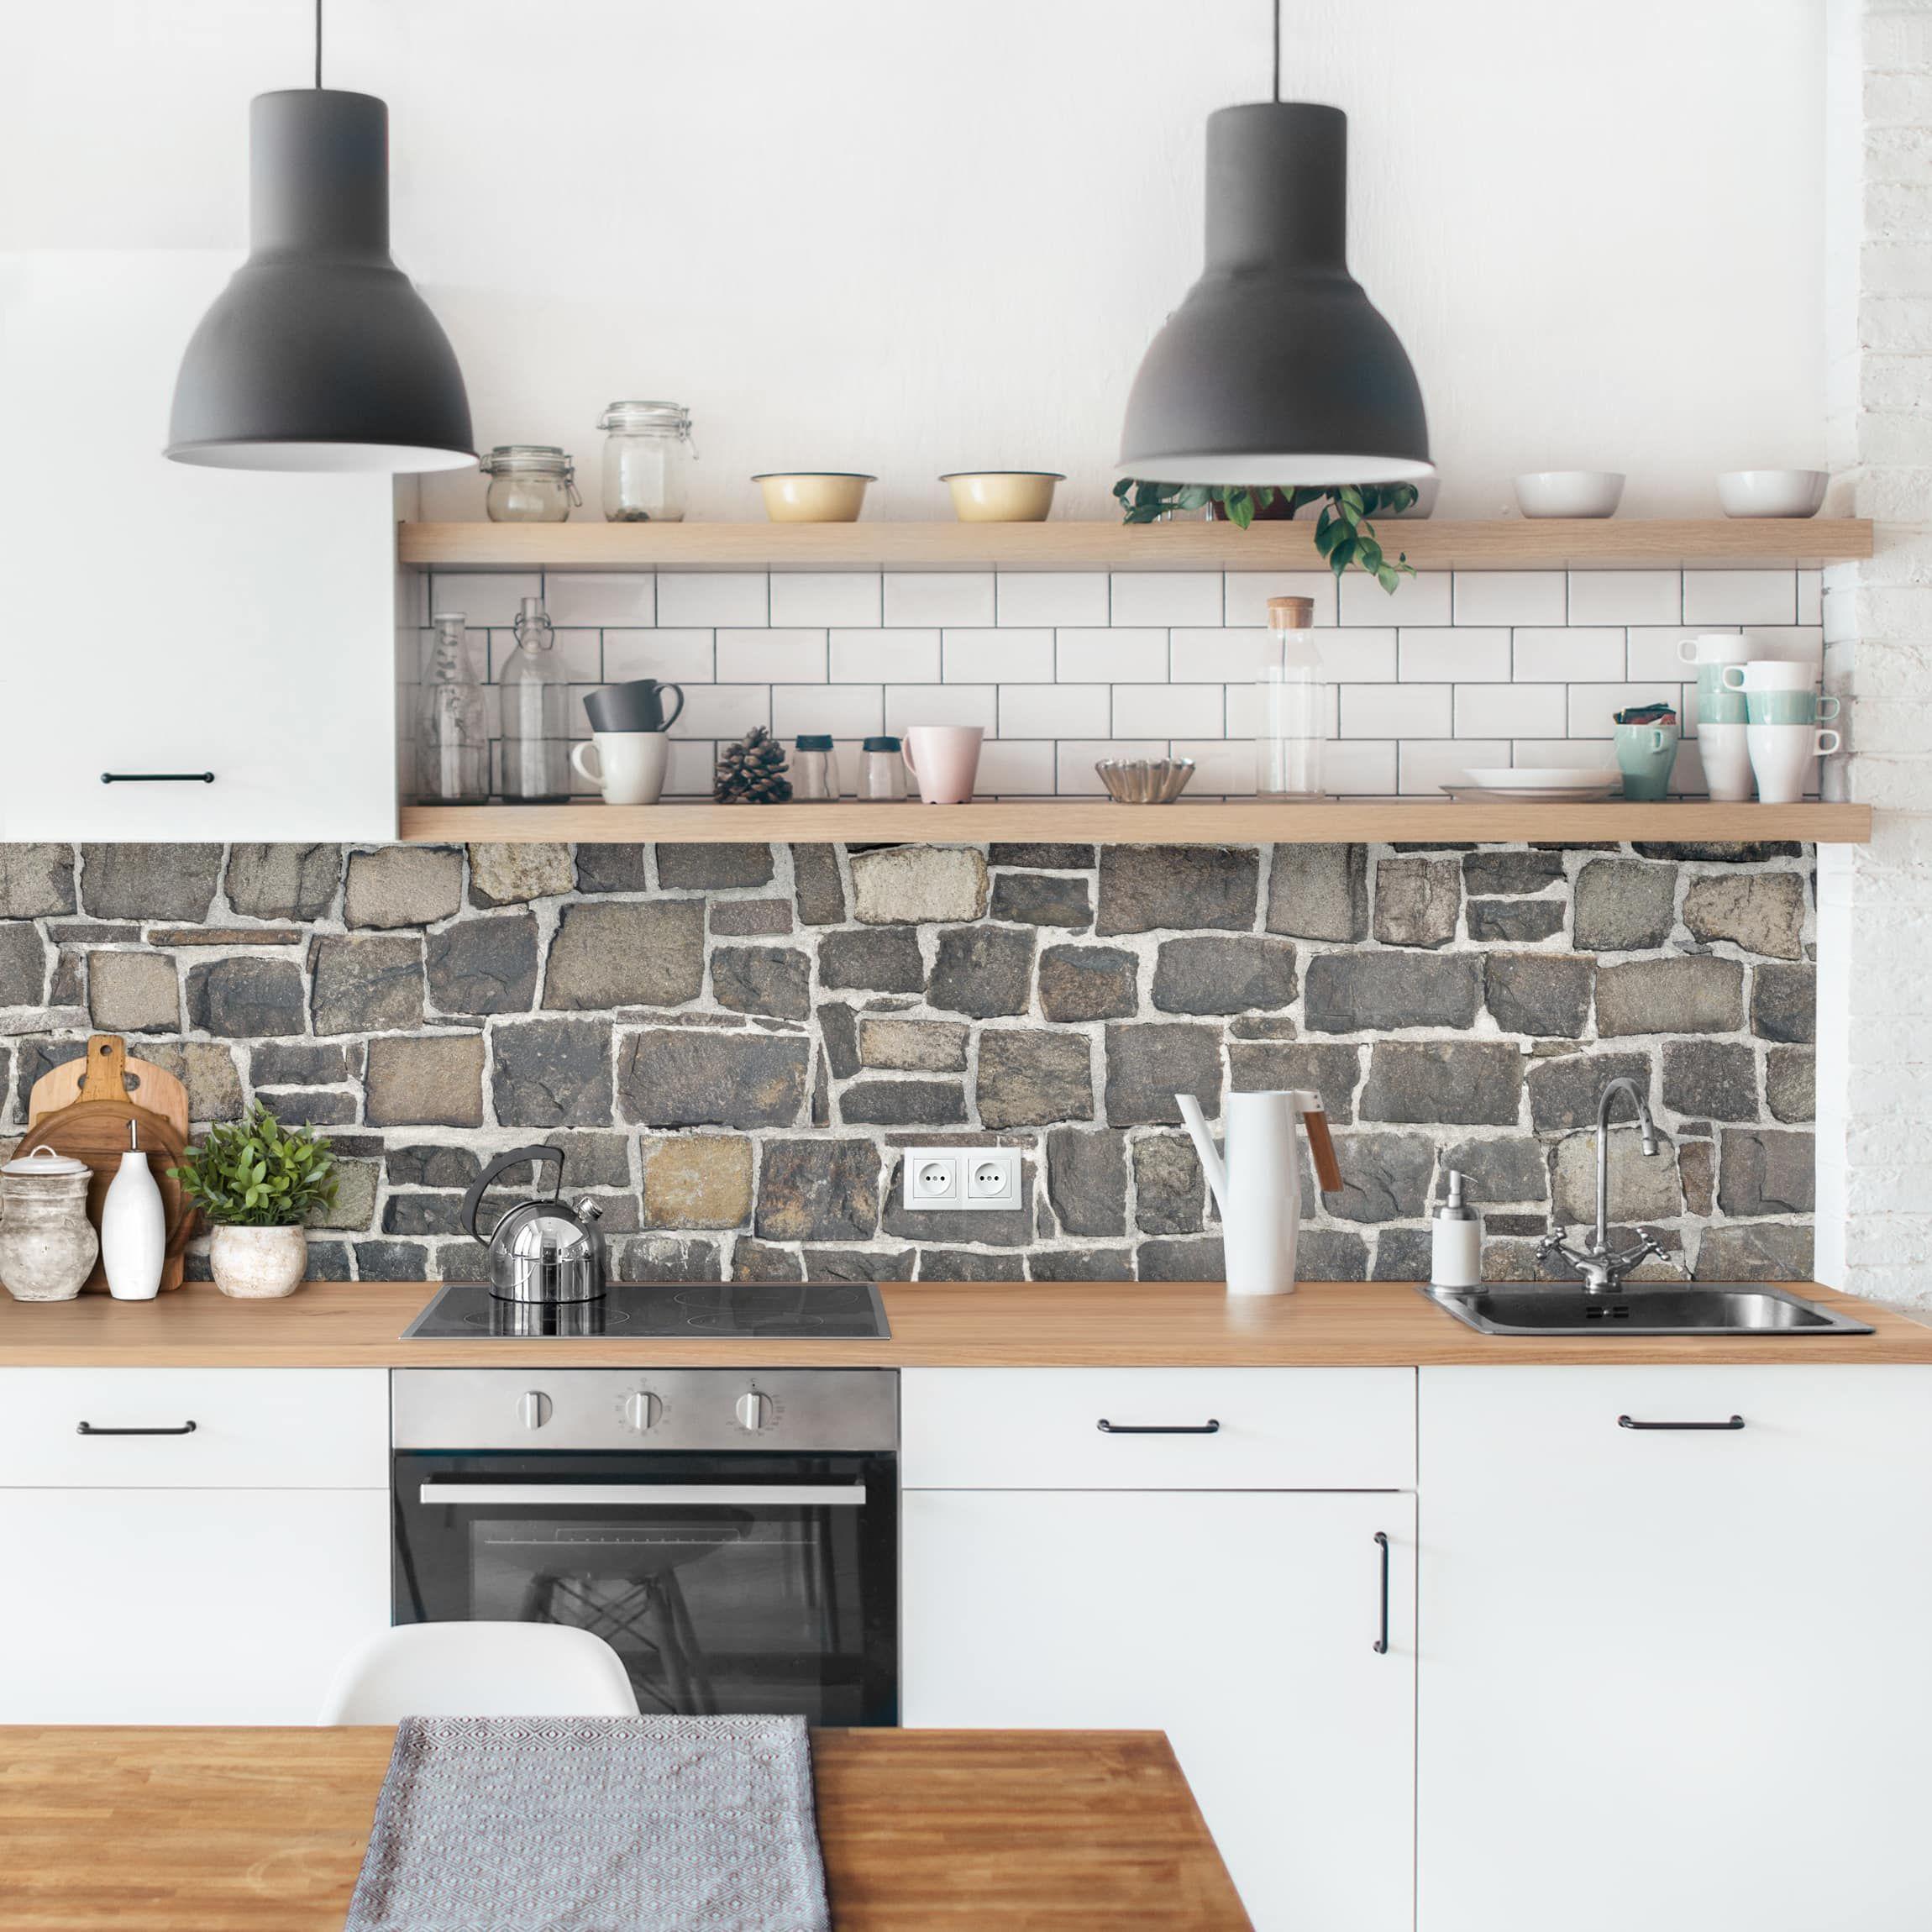 Rivestimento cucina Effetto muro di pietre naturali